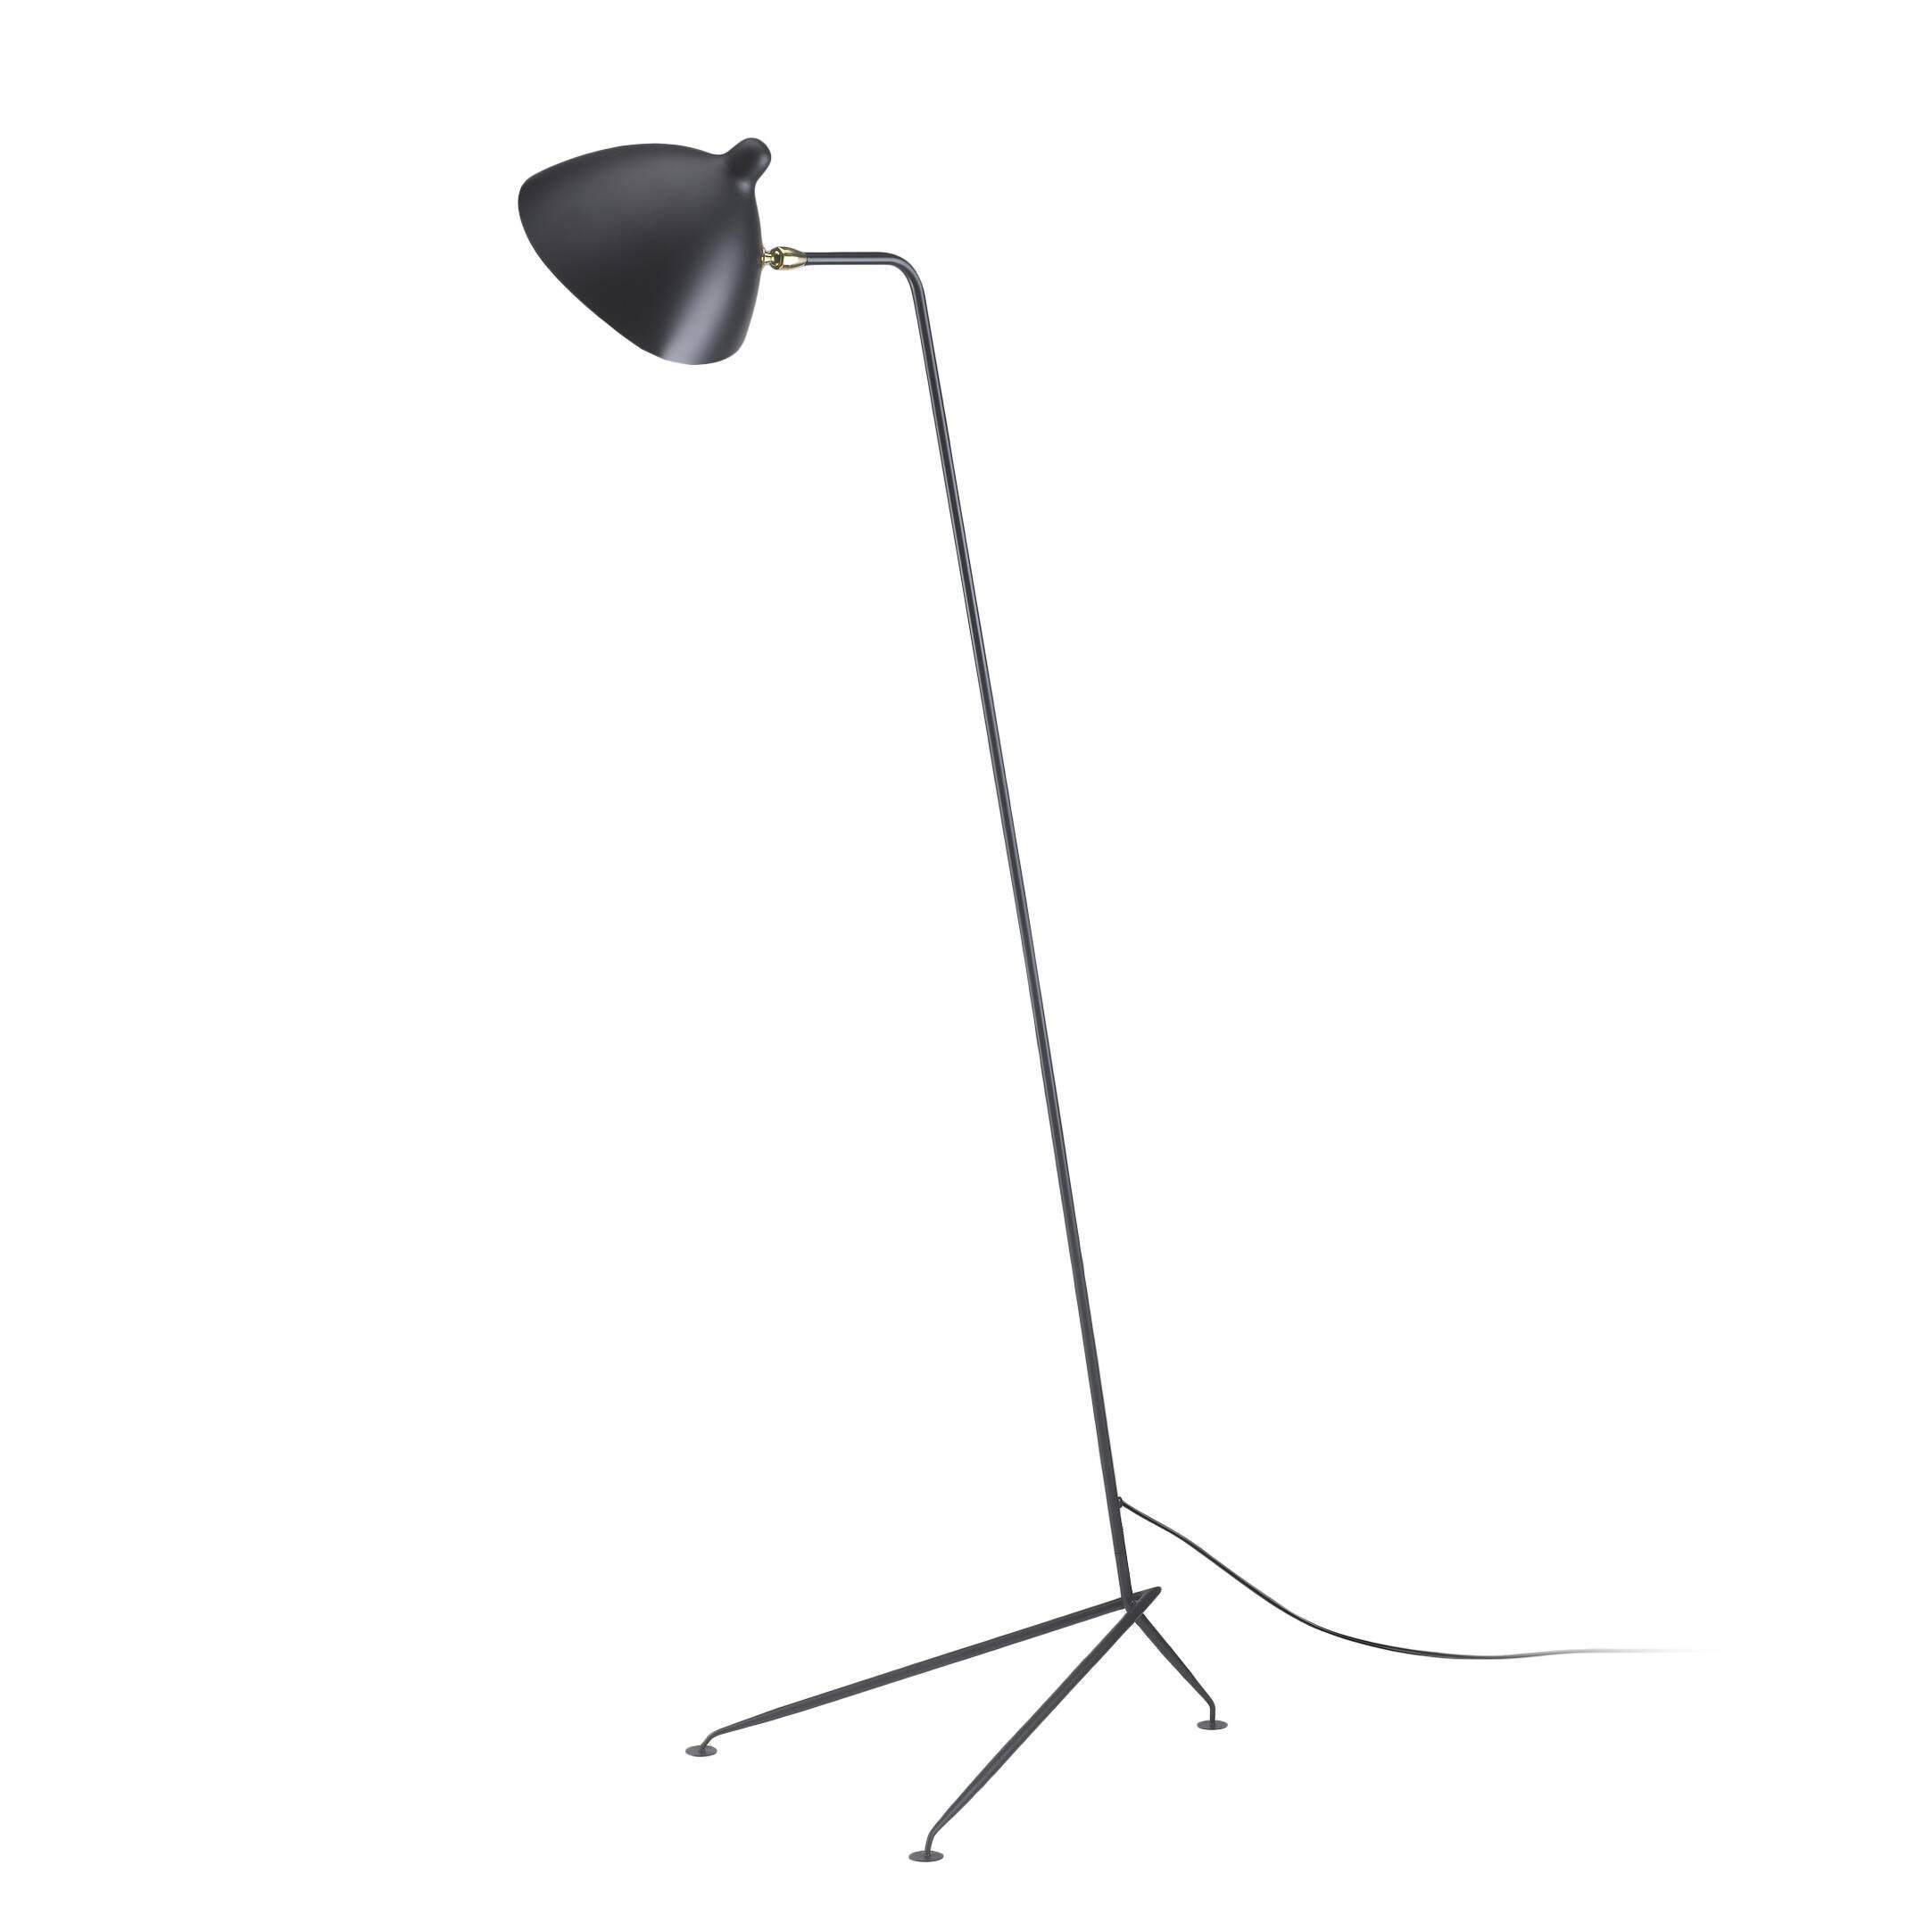 Напольный светильник Lampadaire 1 биокамин напольный классика в москве недорого